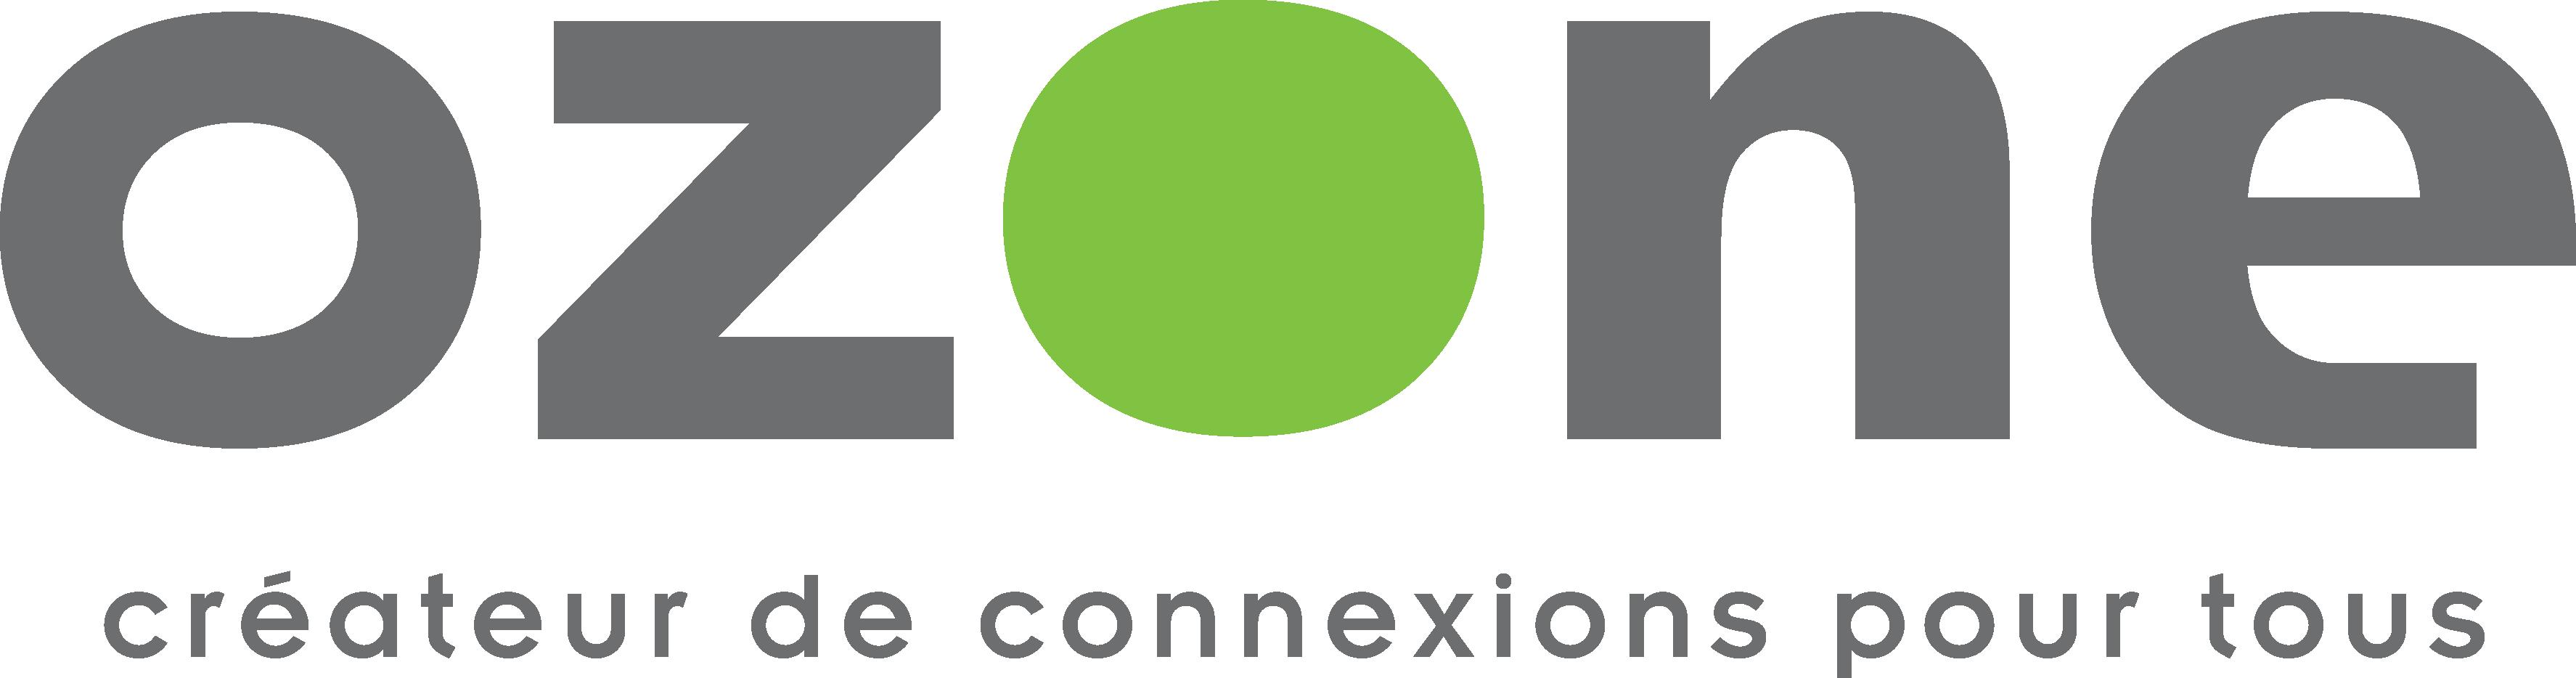 logo de Ozone